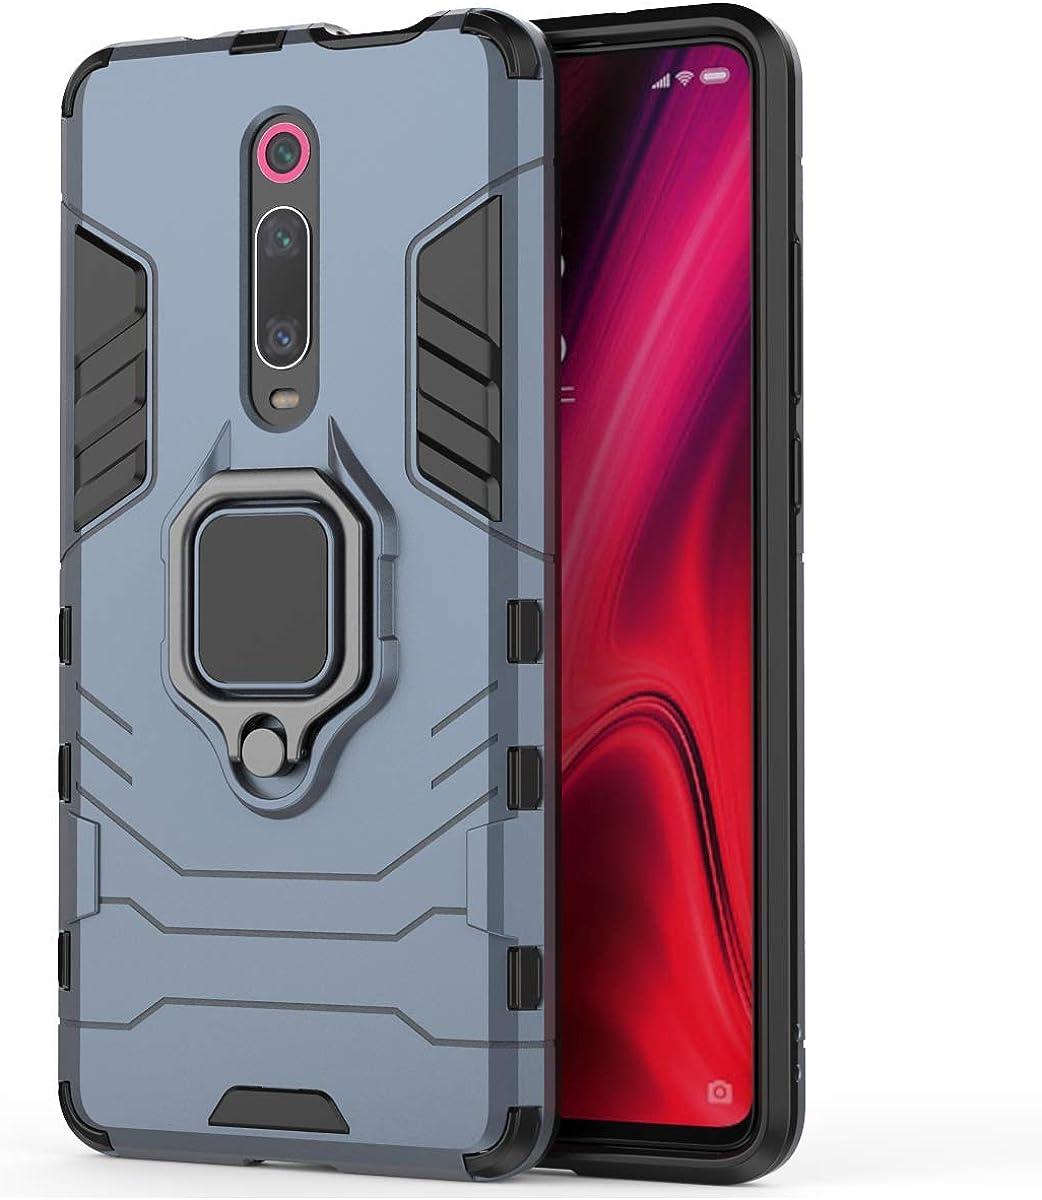 Funda para Xiaomi Redmi K20/K20 Pro, Elegante Armadura híbrida ...